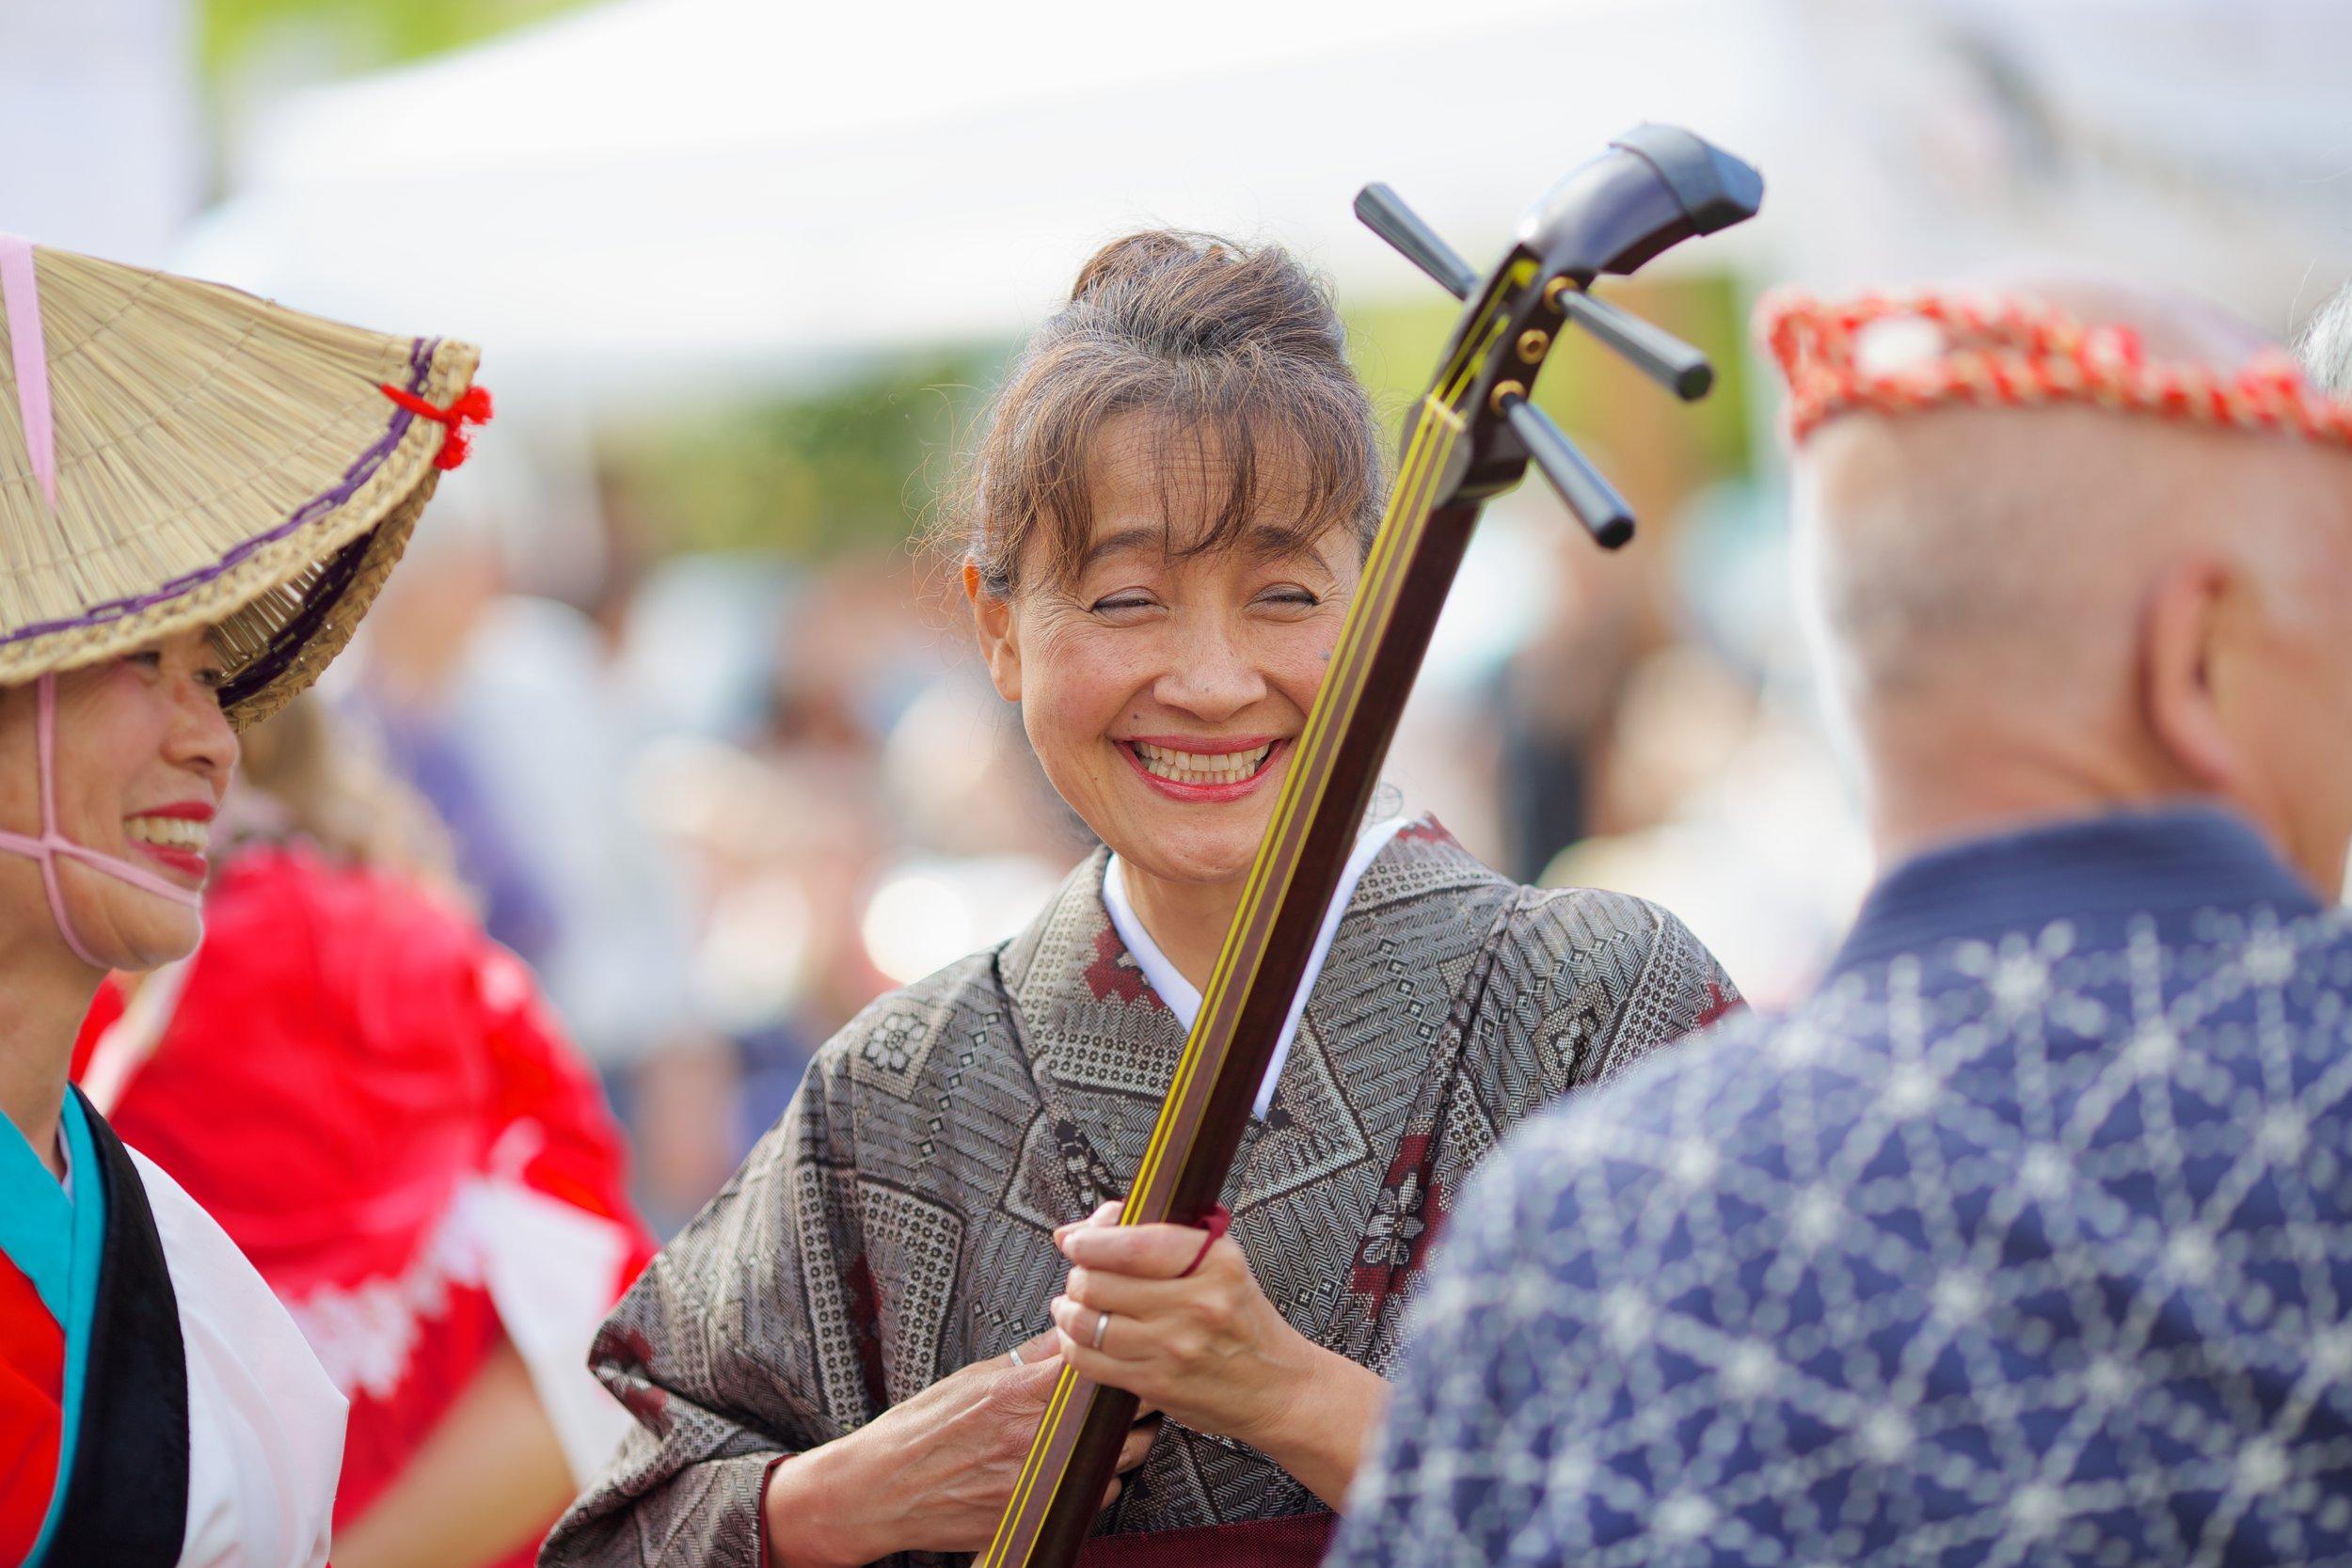 kayoko---sakura-ren---japanese-cultural-fair-of-santa-cruz-2015_19600926611_o.jpg